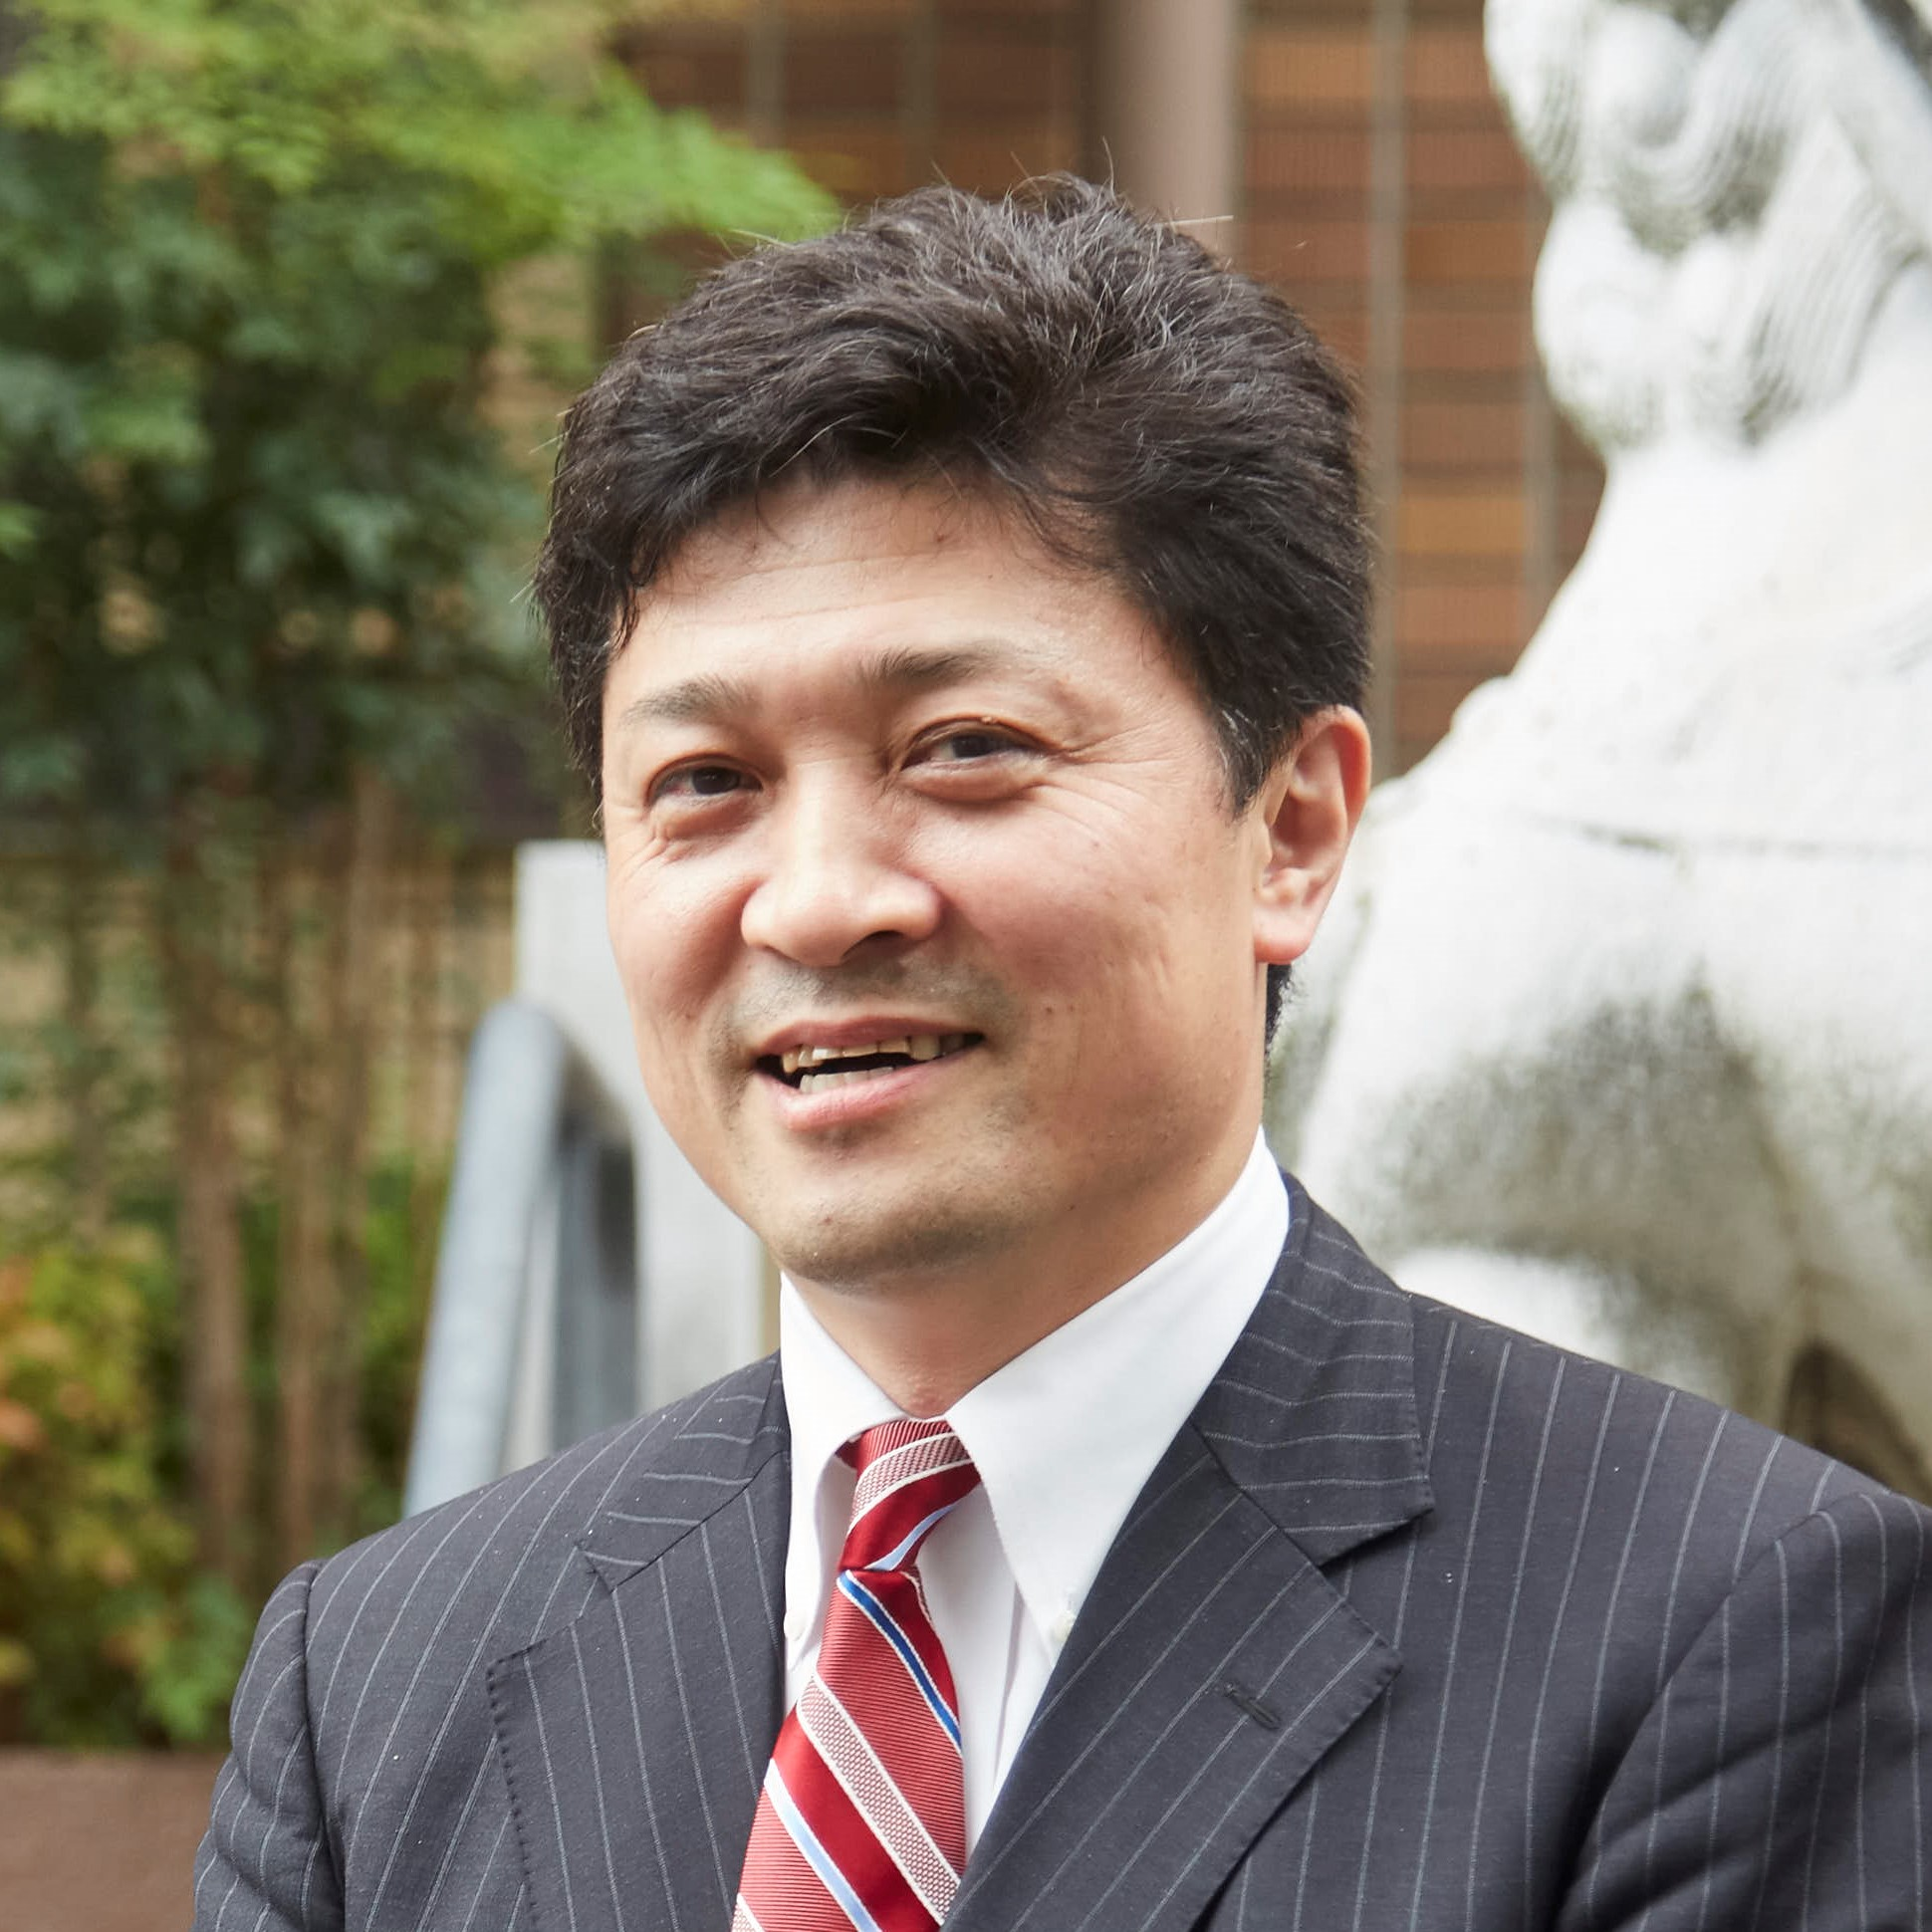 「一つの中国」をめぐって――中国と台湾の曖昧な関係